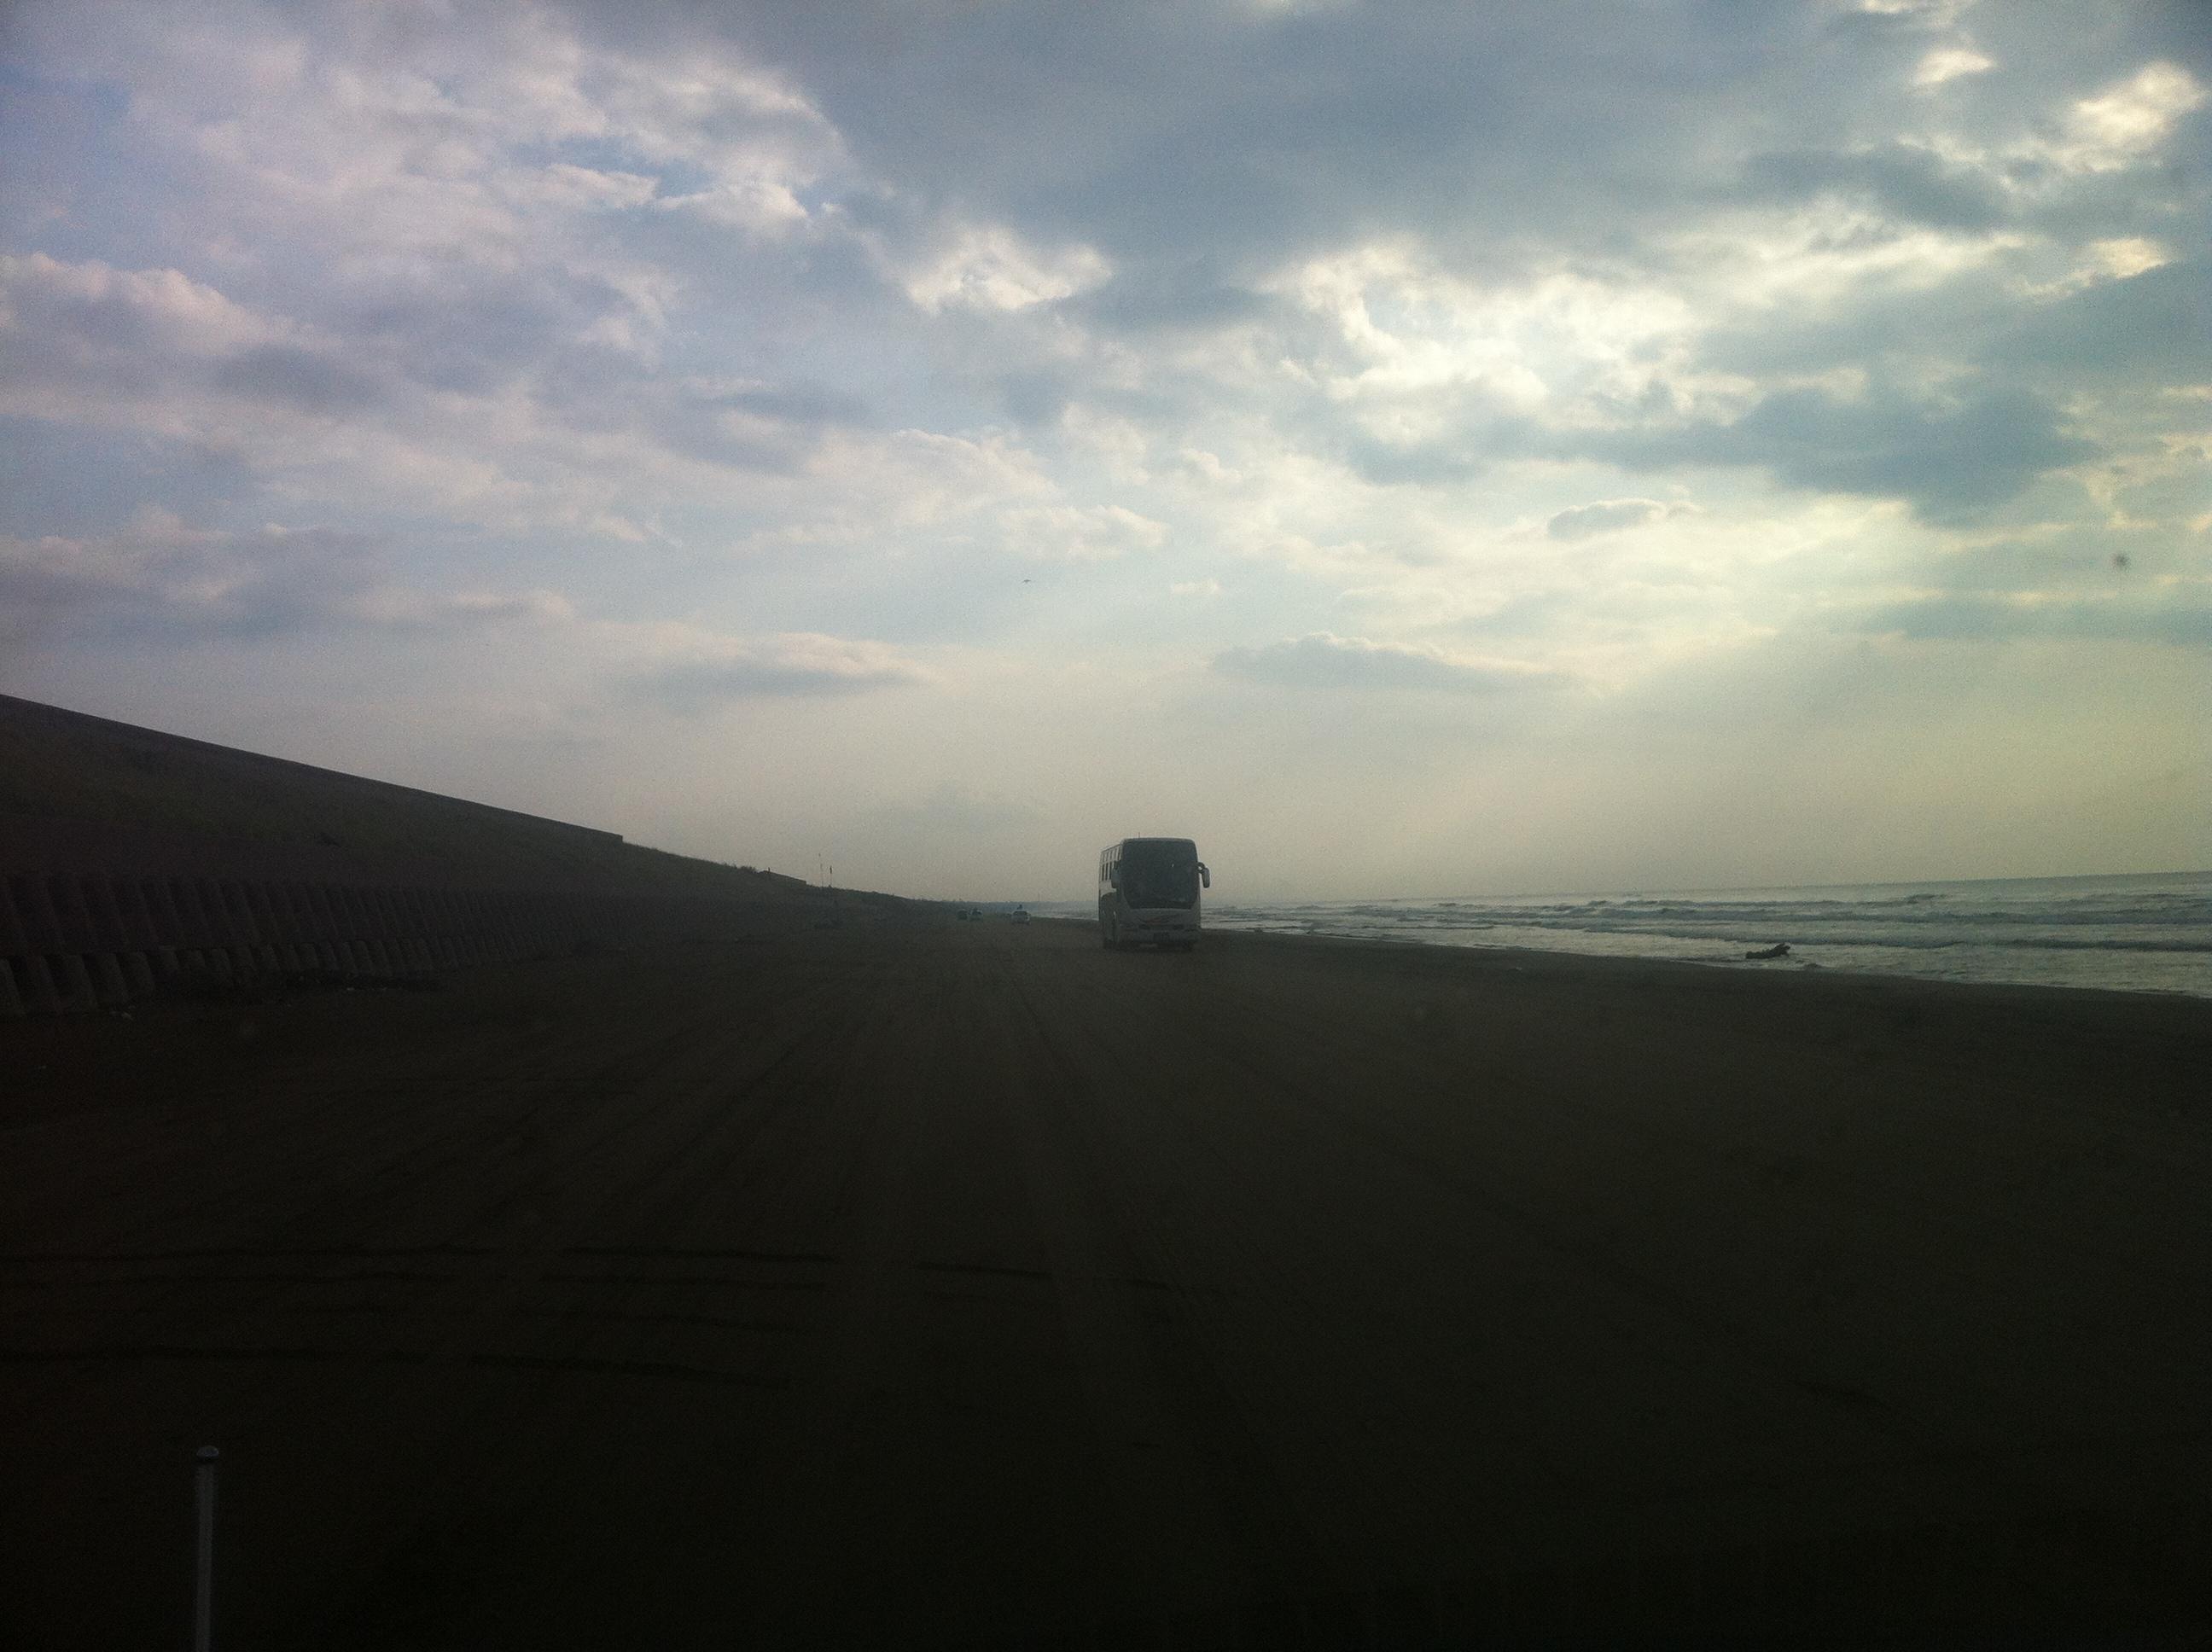 砂浜が車道?世界的にも珍しい道路!石川県羽咋市千里浜なぎさドライブウェイを紹介